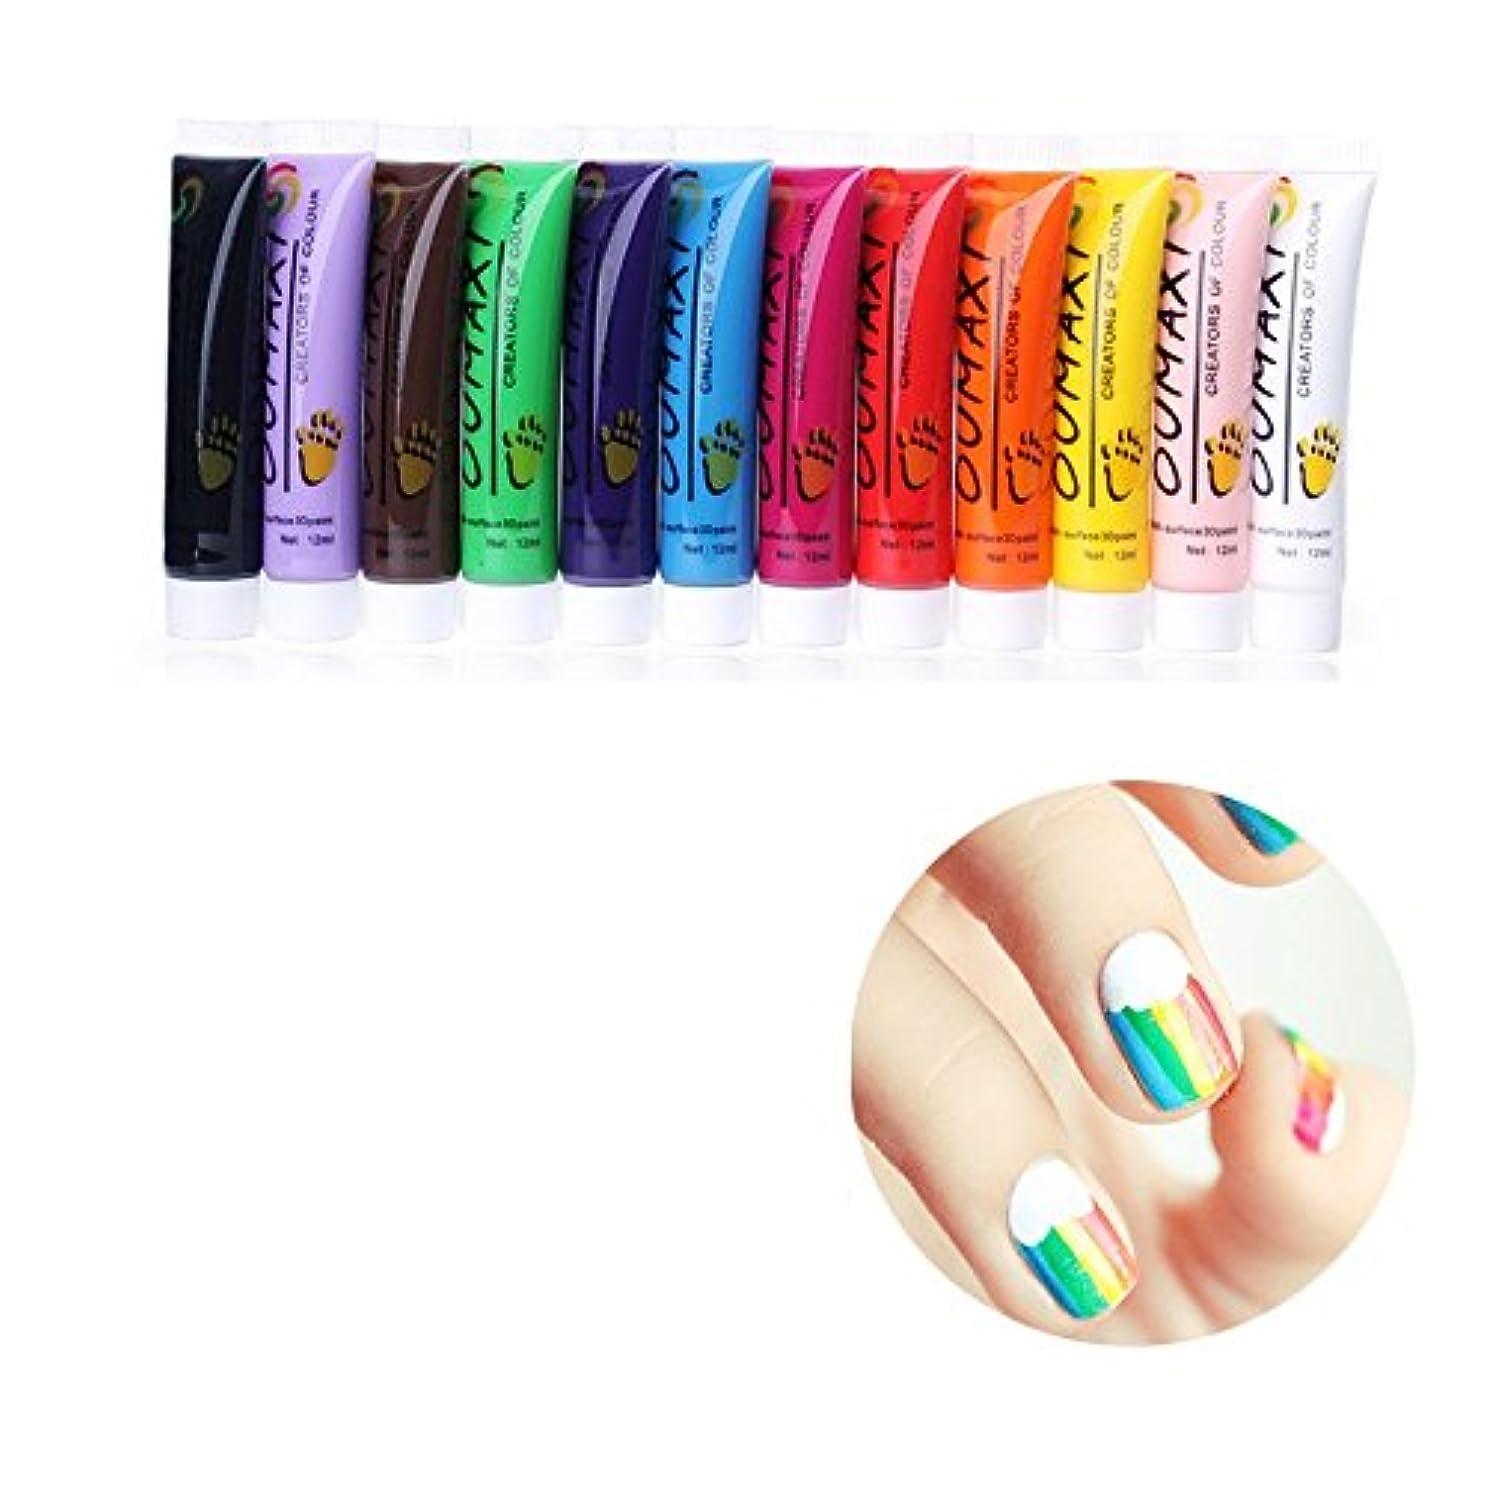 寂しいカウボーイ高尚な12Pc Colors Nail Art Pen 3D Painting Draw Paint Tube Pigment Acrylic Kits Decorations UV Gel Draw Design DIY Pencil...